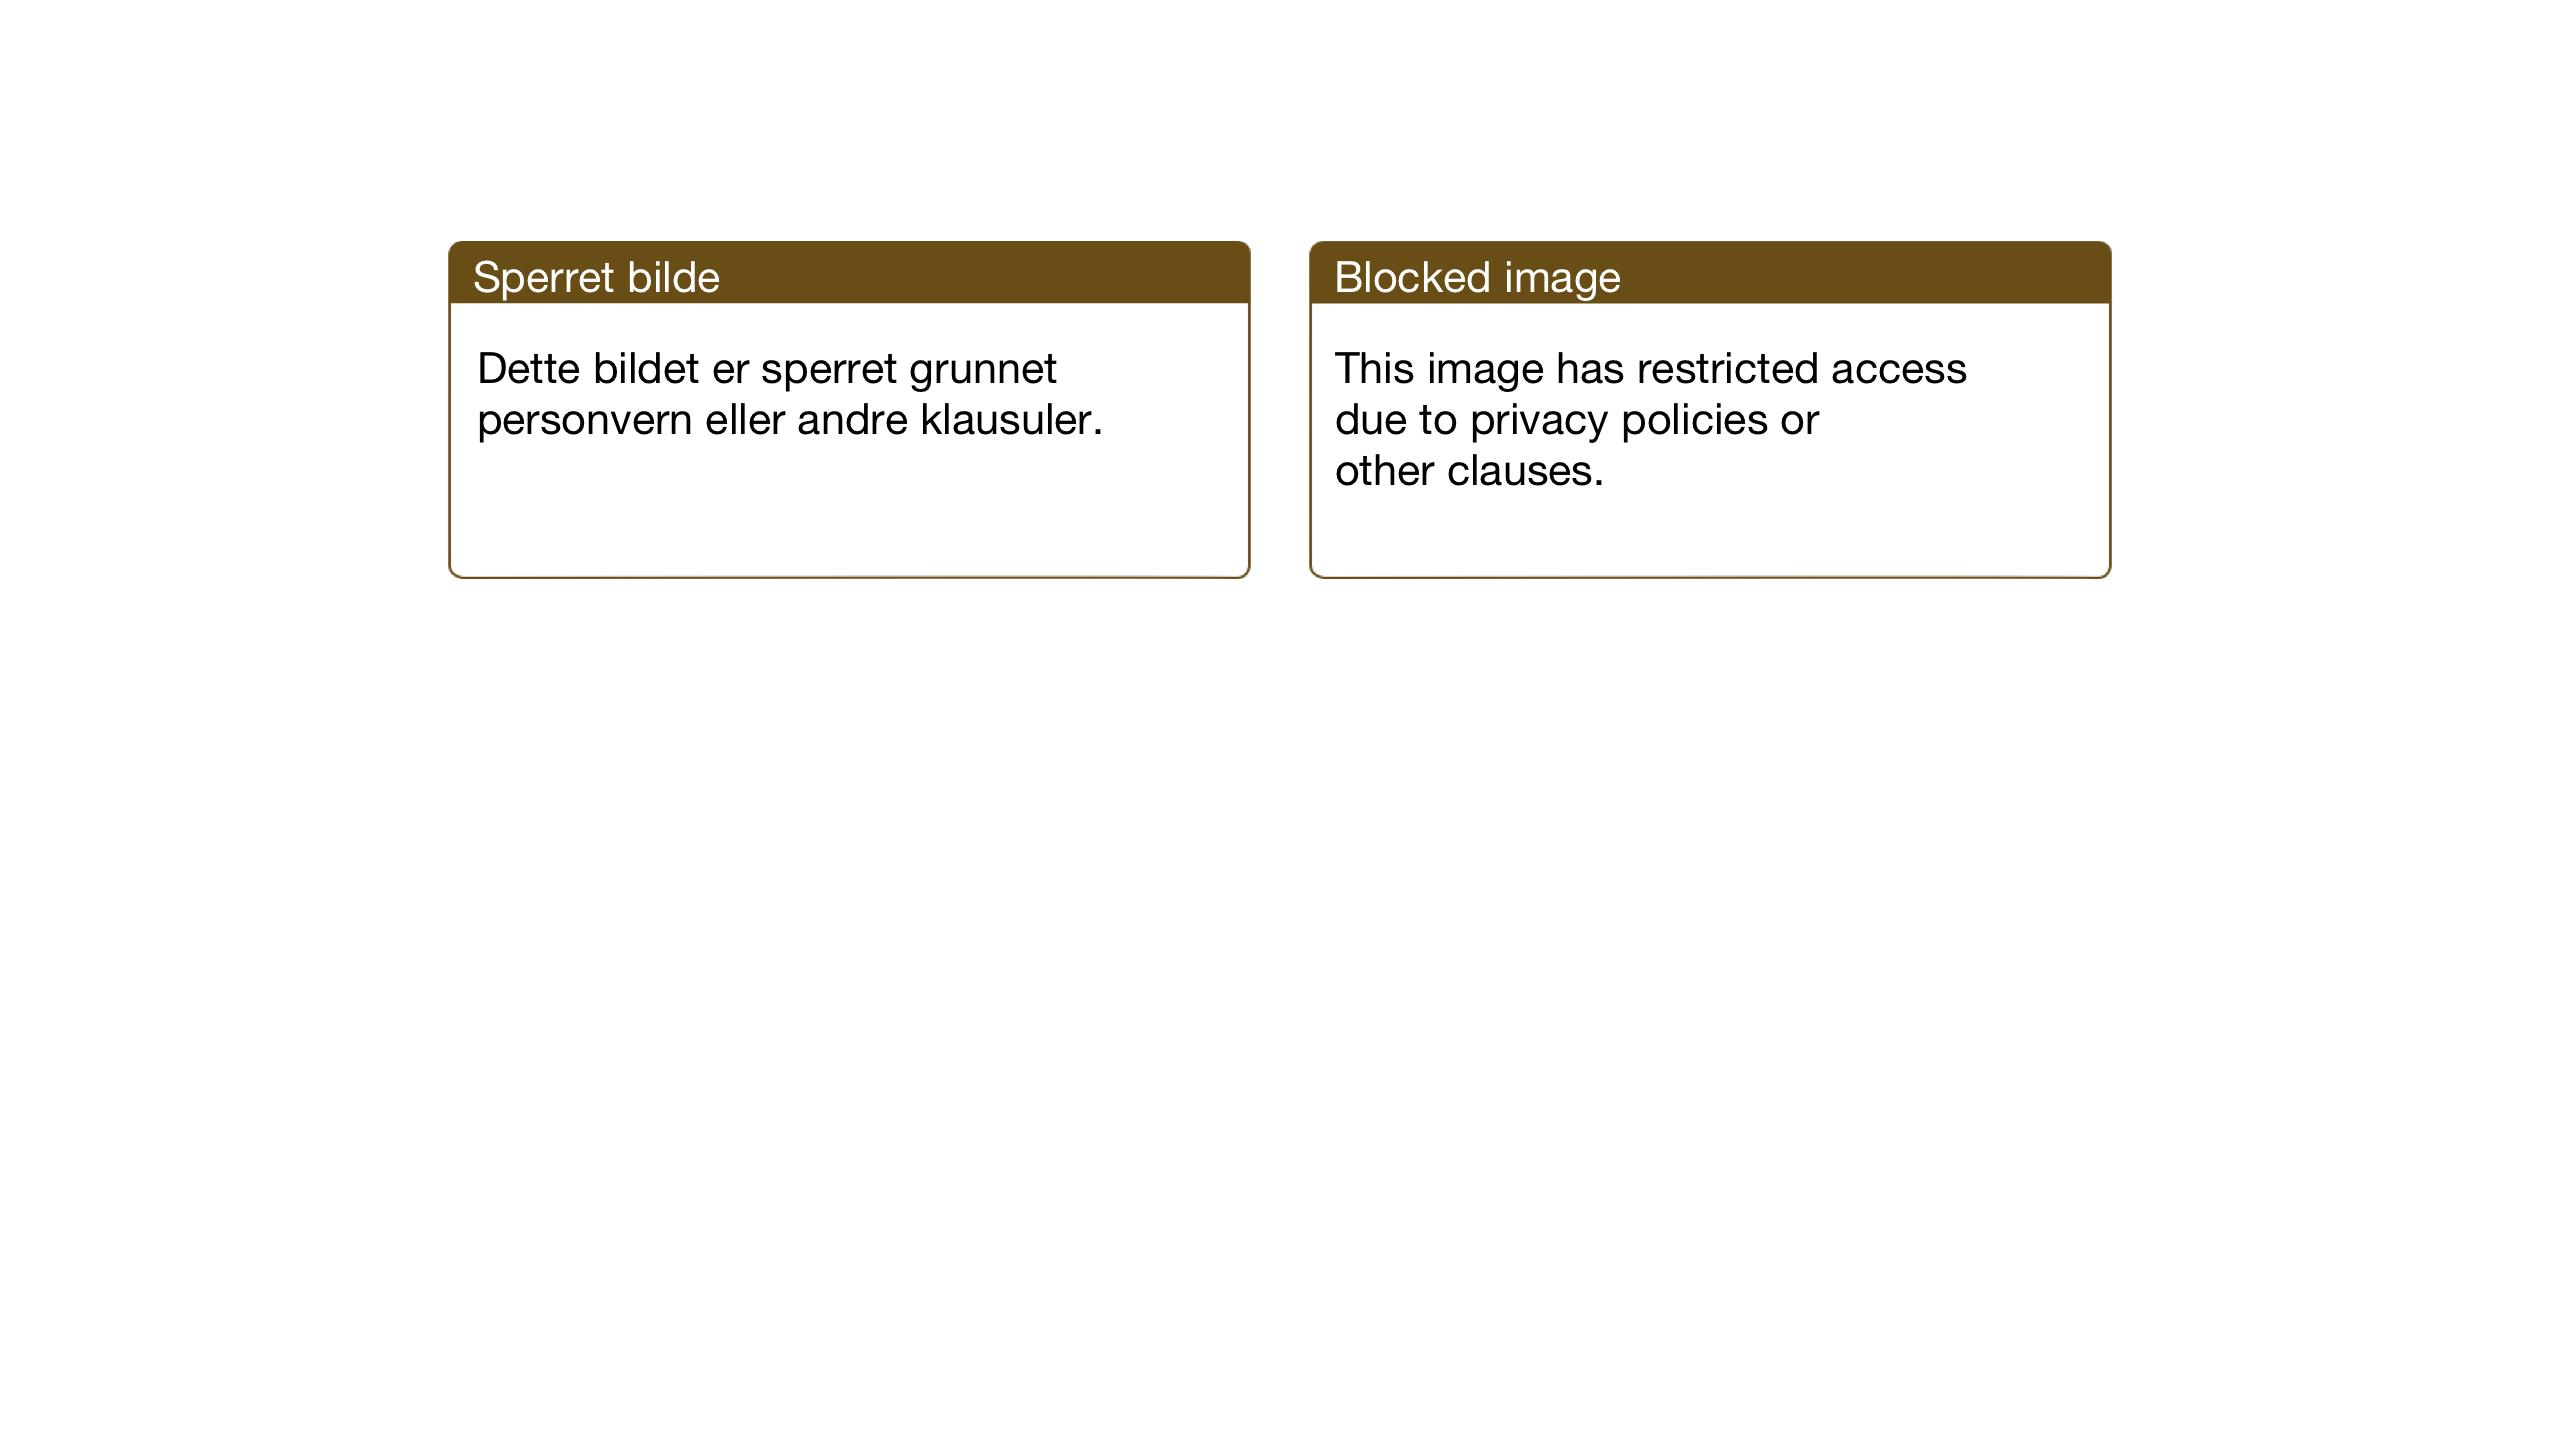 SAT, Ministerialprotokoller, klokkerbøker og fødselsregistre - Sør-Trøndelag, 665/L0778: Klokkerbok nr. 665C03, 1916-1938, s. 38